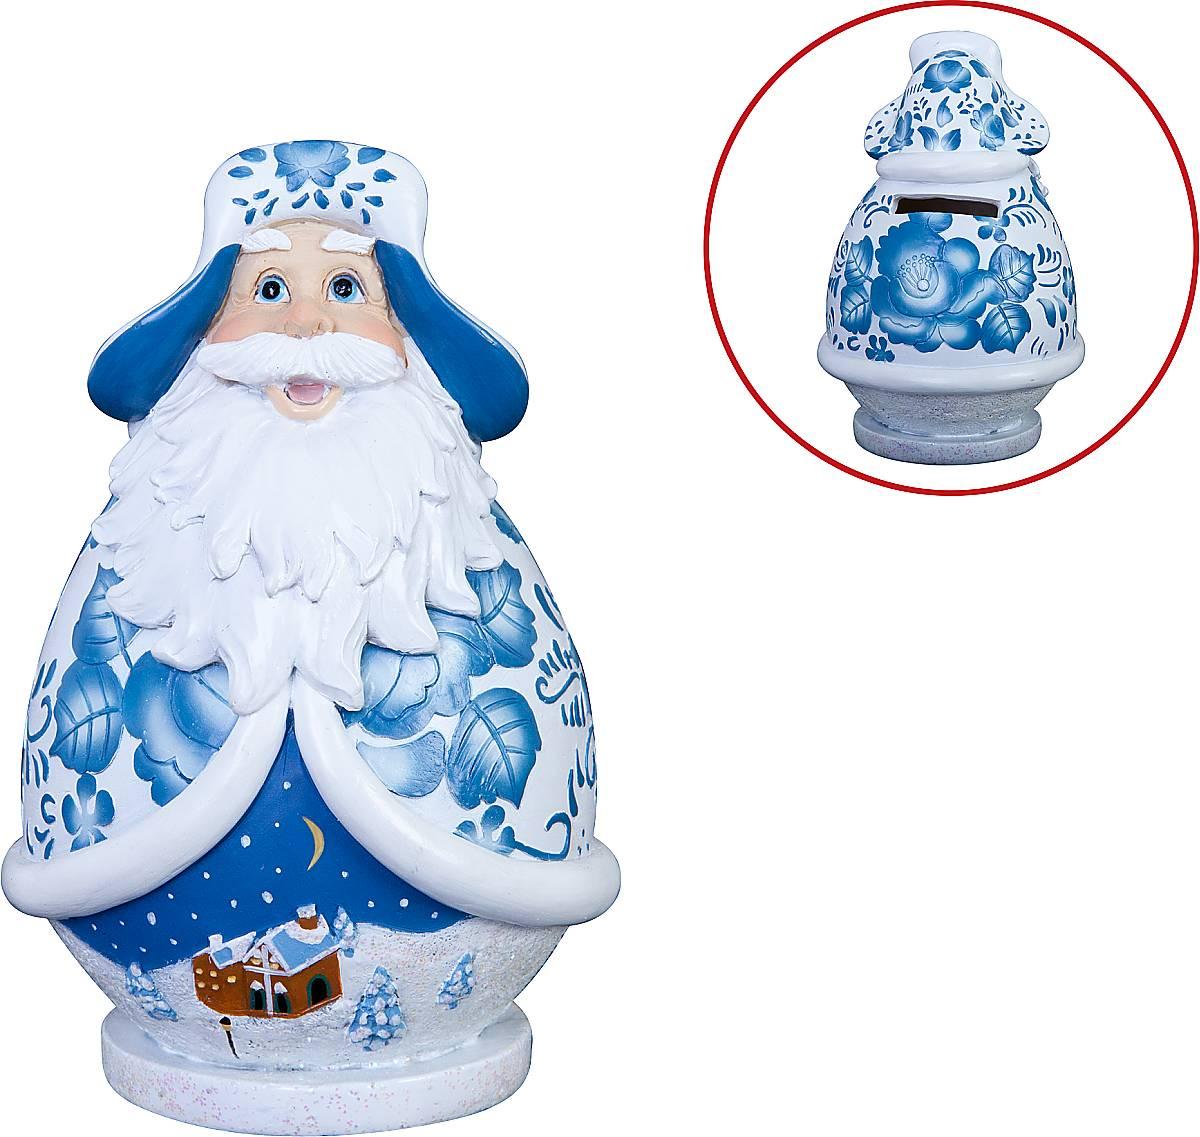 Копилка Mister Christmas Дед Мороз, высота 13 см50Декоративная копилка Mister Christmas Дед Мороз изготовленная из полистоуна, станет отличным украшением интерьера вашего дома или офиса. На задней стенке имеется прорезь для монет. На дне расположен клапан, через который можно достать деньги.Яркий оригинальный дизайн сделает такую копилку прекрасным подарком. Она послужит не только по своему прямому назначению, но и красиво дополнит интерьер комнаты в преддверии Нового года.Высота копилки: 13 см.